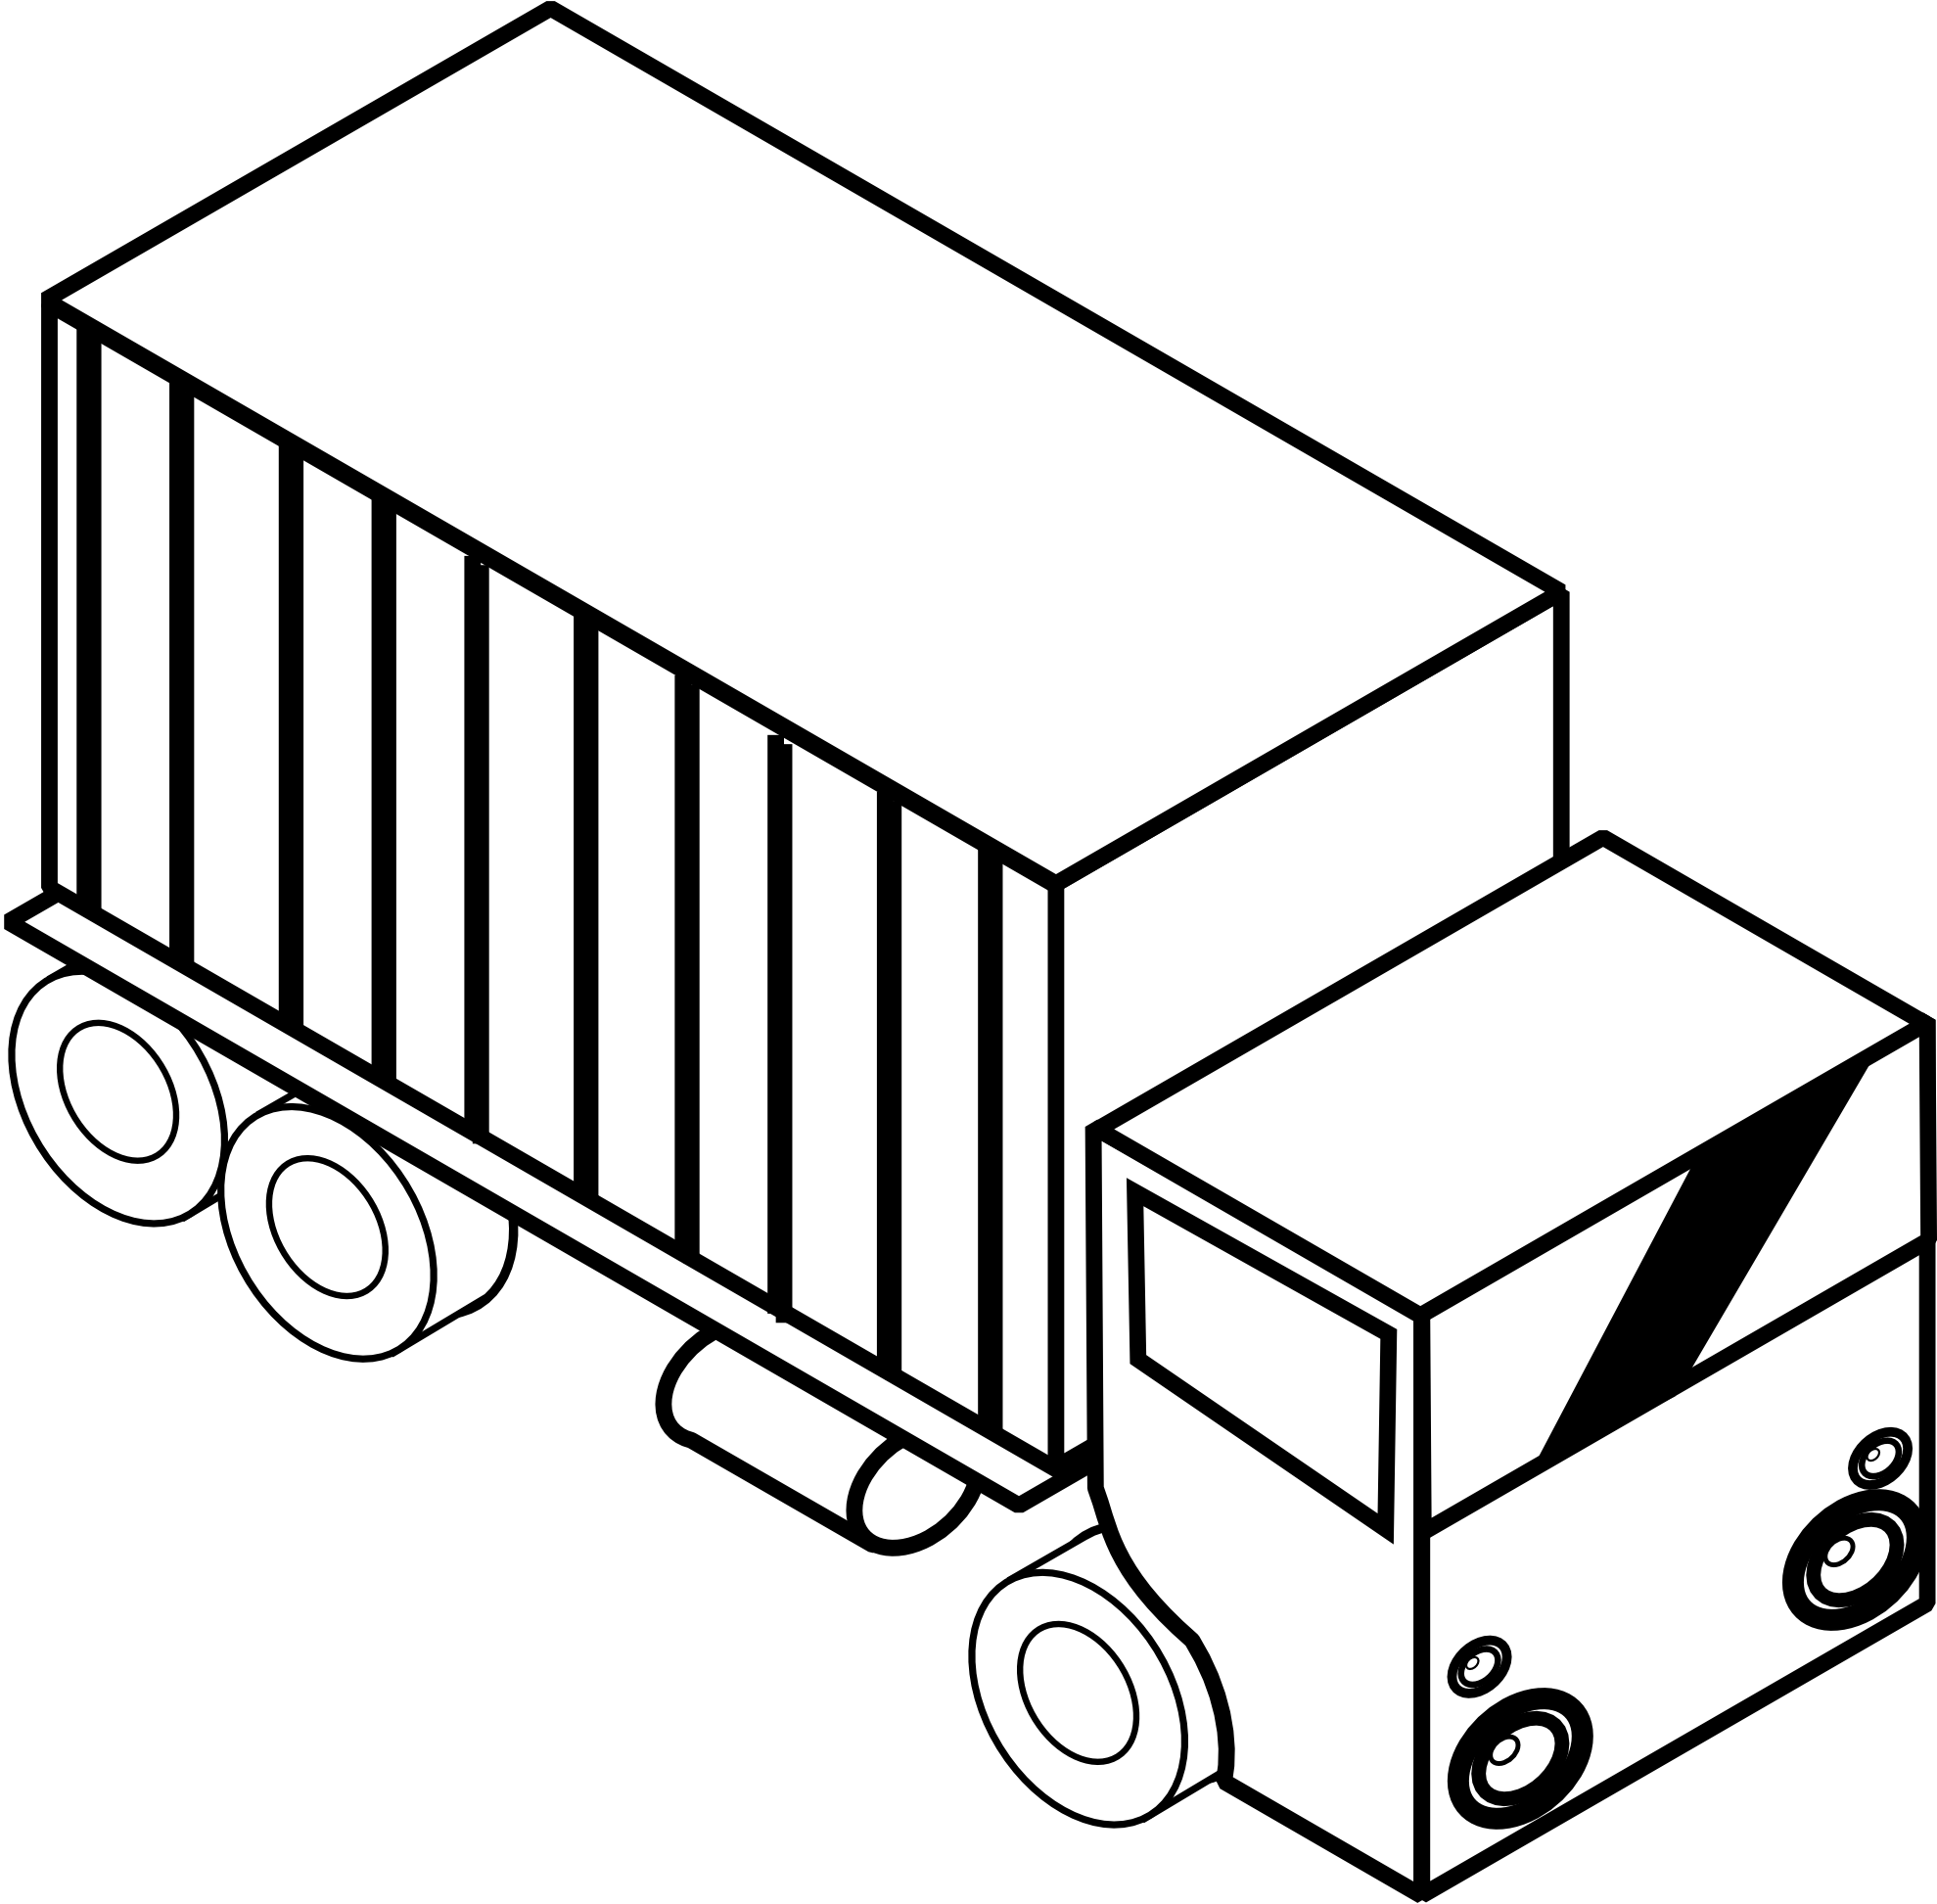 Clip Art: Iso Truck 3 Black White Line Art ... - ClipArt ...